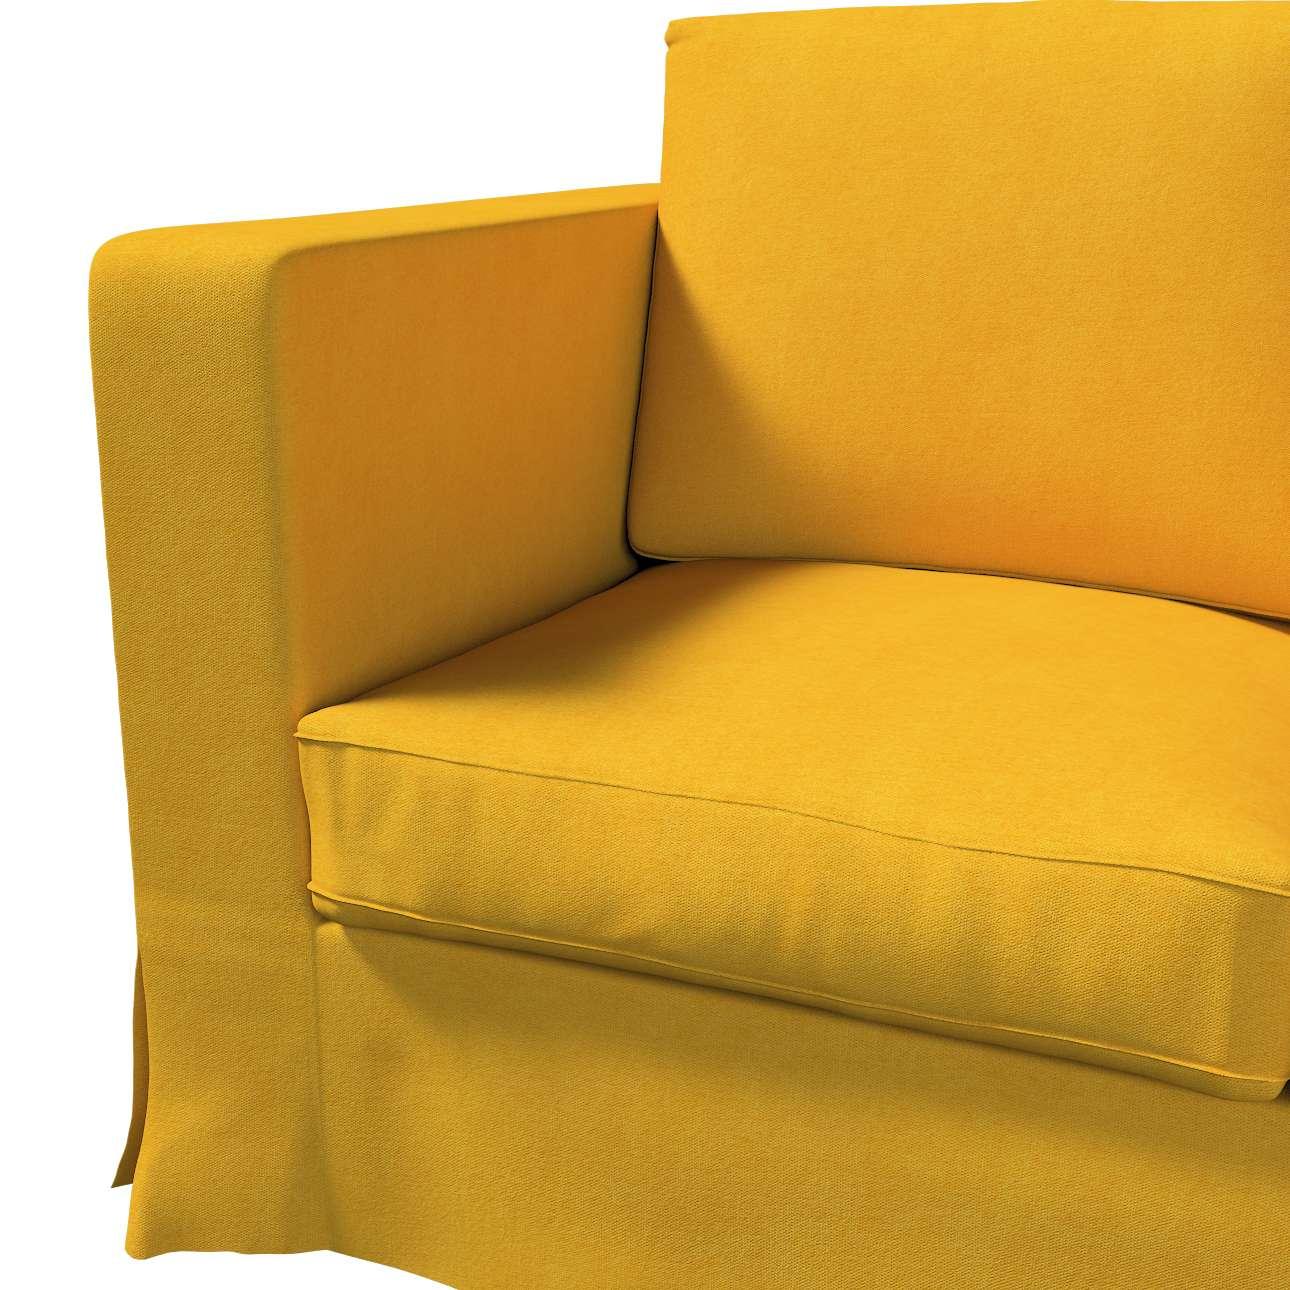 Karlanda 3-Sitzer Sofabezug nicht ausklappbar lang von der Kollektion Etna, Stoff: 705-04